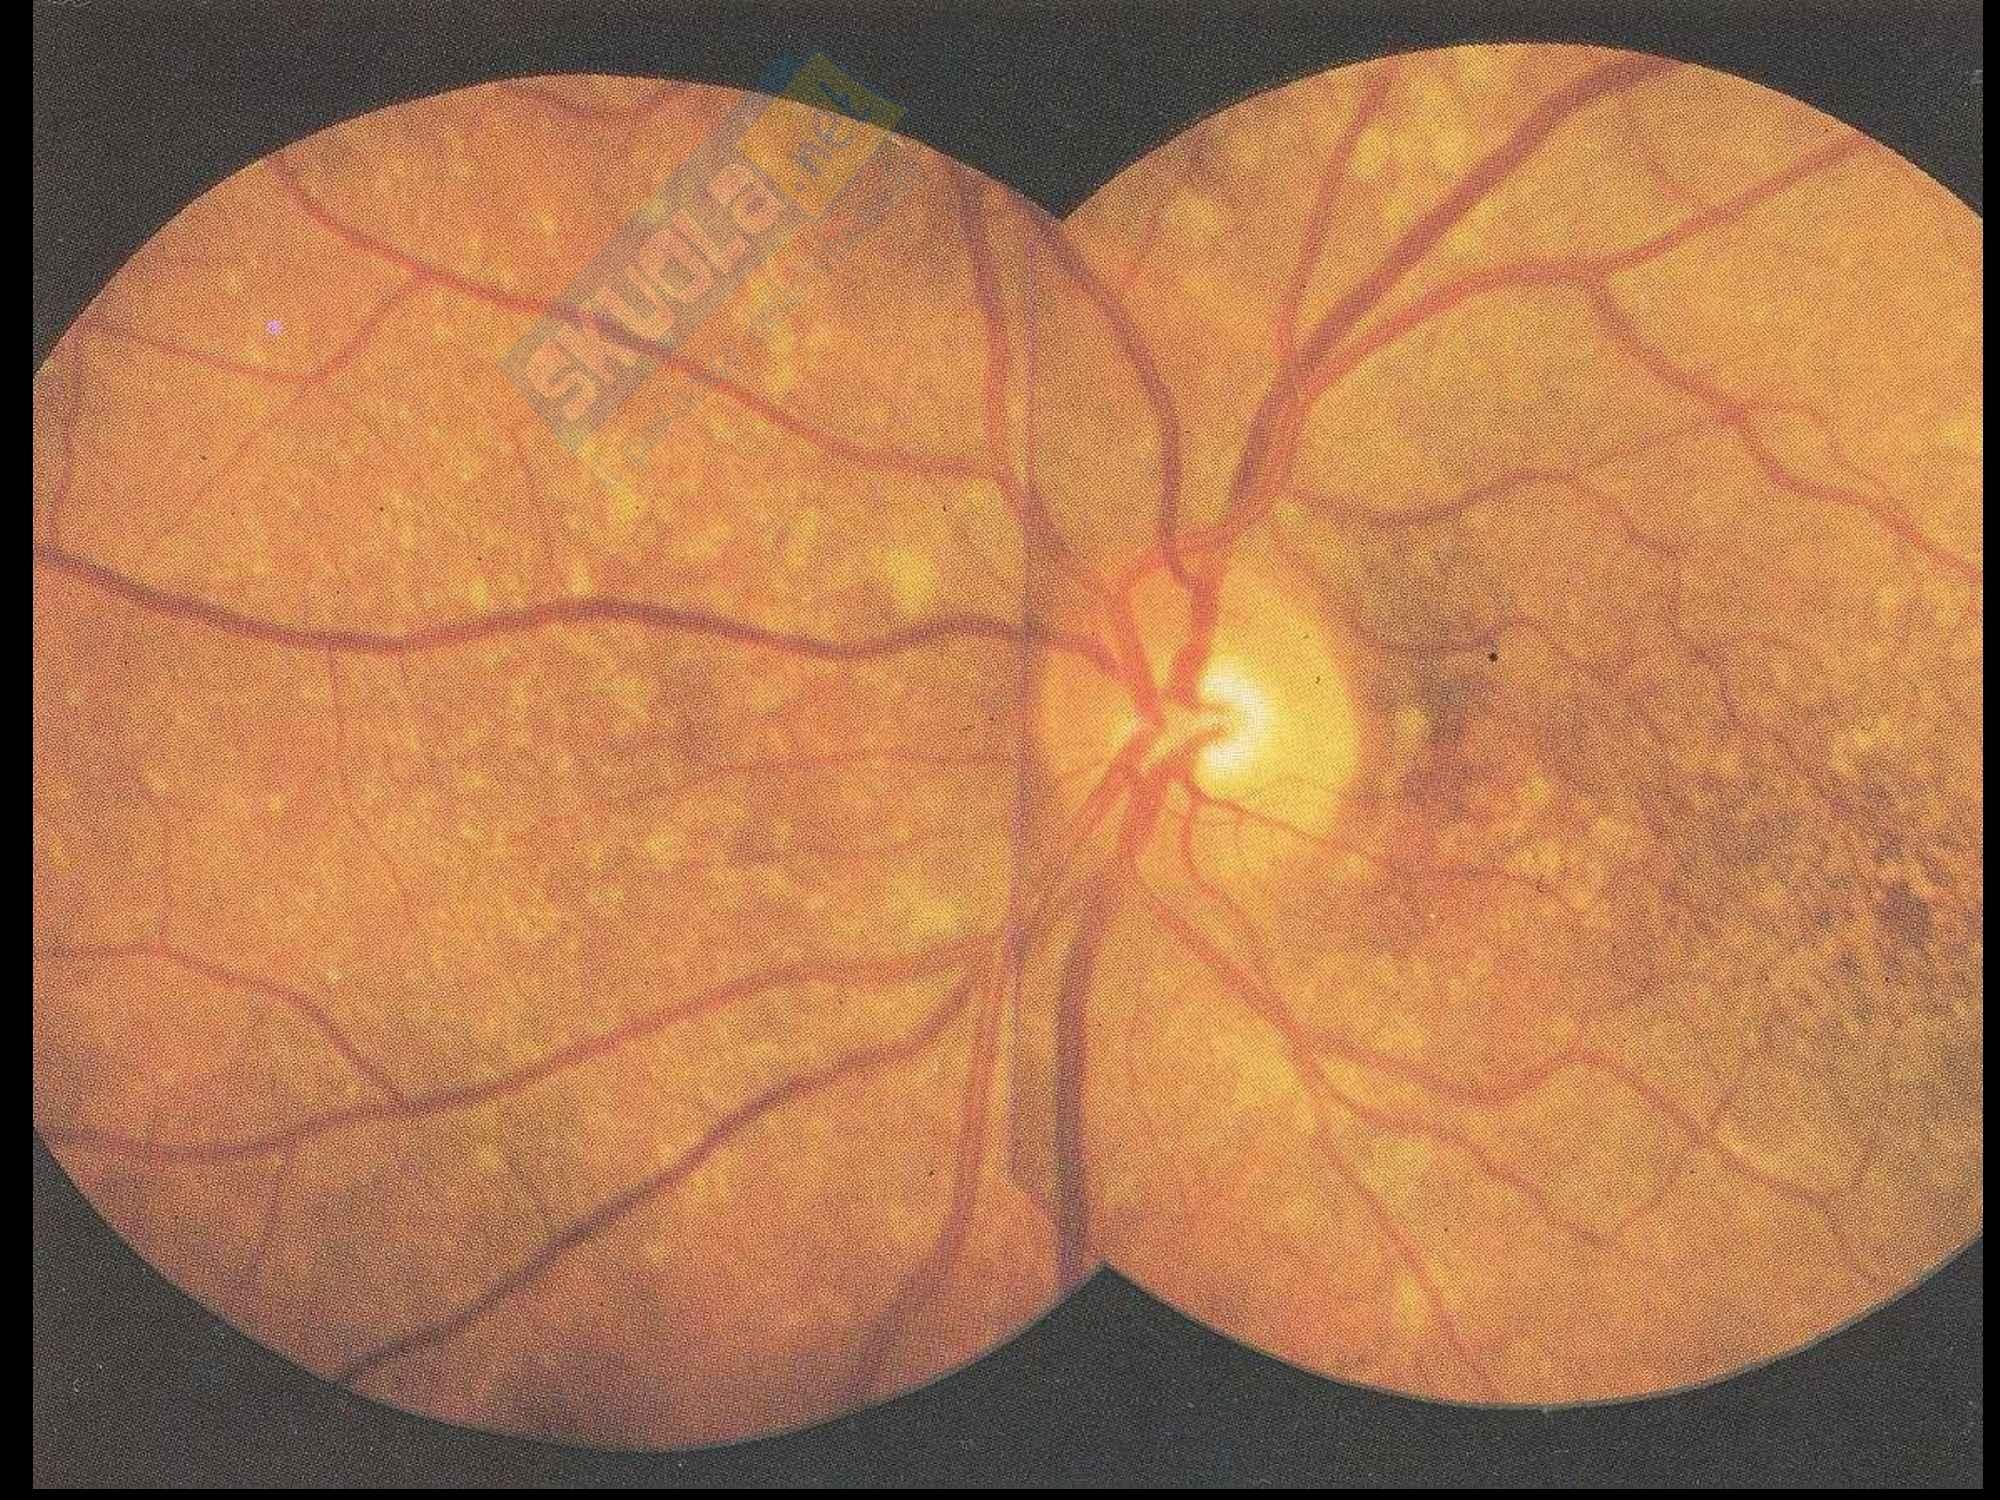 Operazioni con laser agli occhi per diversi tipi di problemi